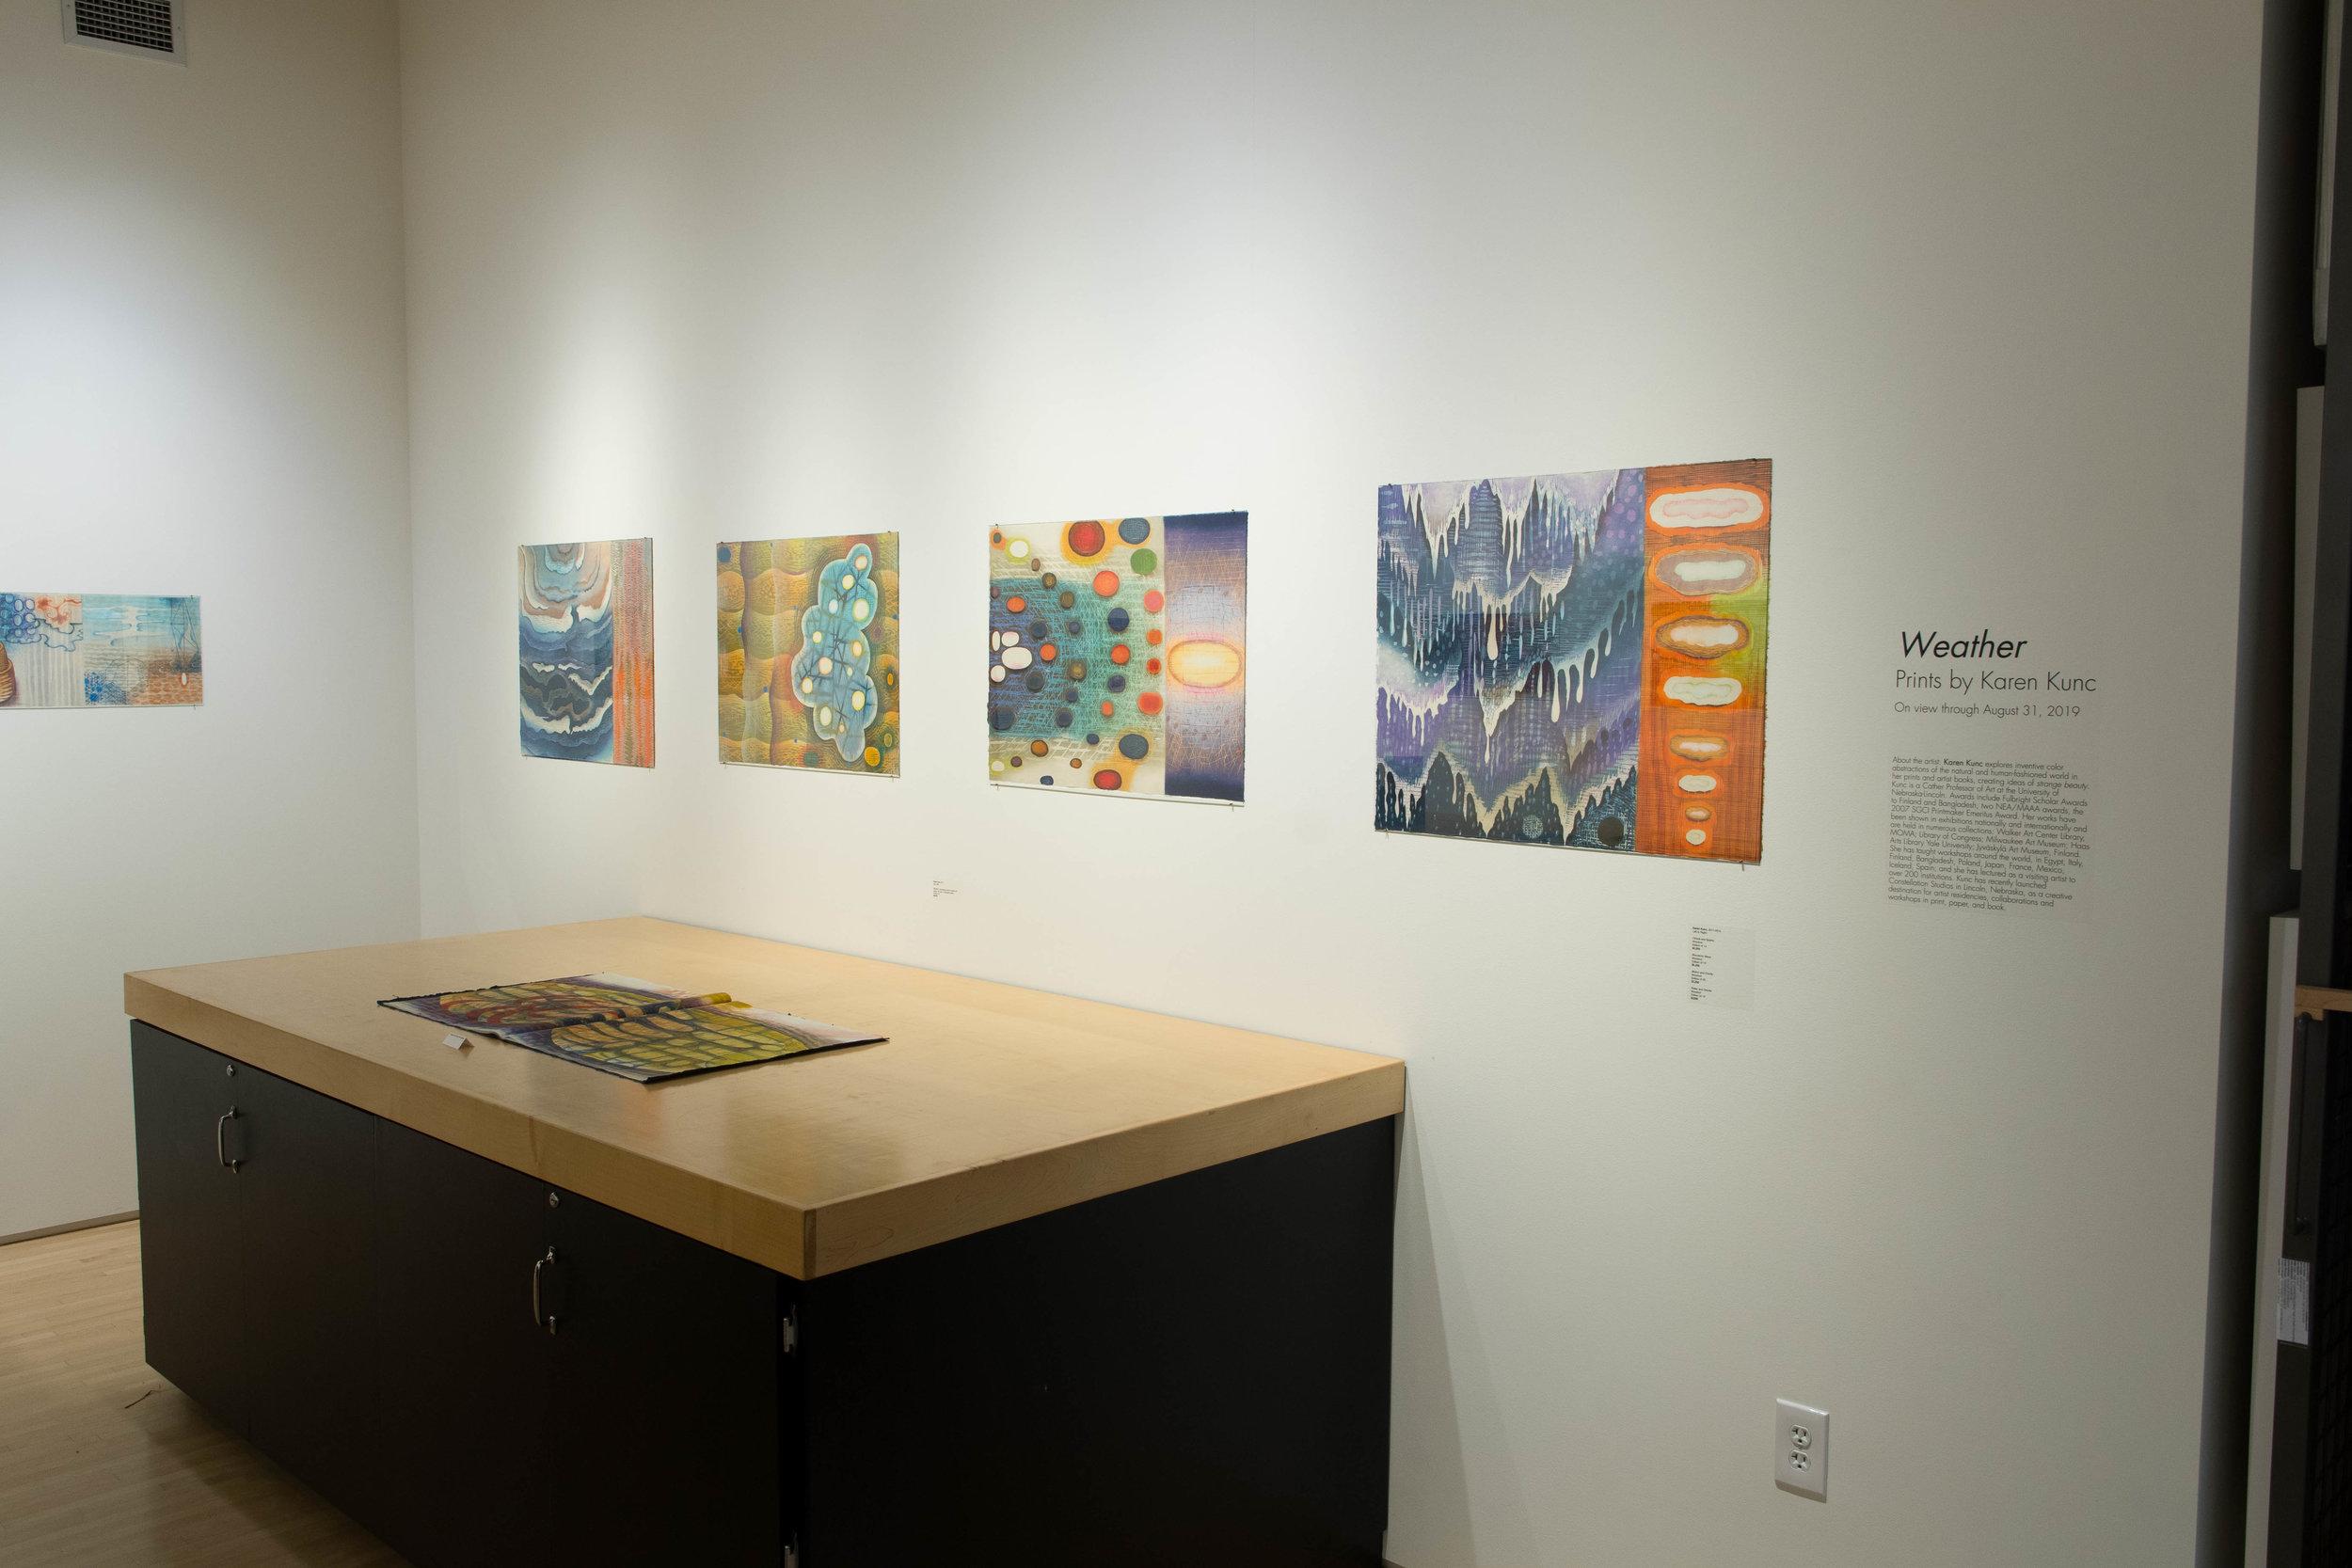 Highpoint ExhibitWeather by Karen Kunc190815a0037.JPG